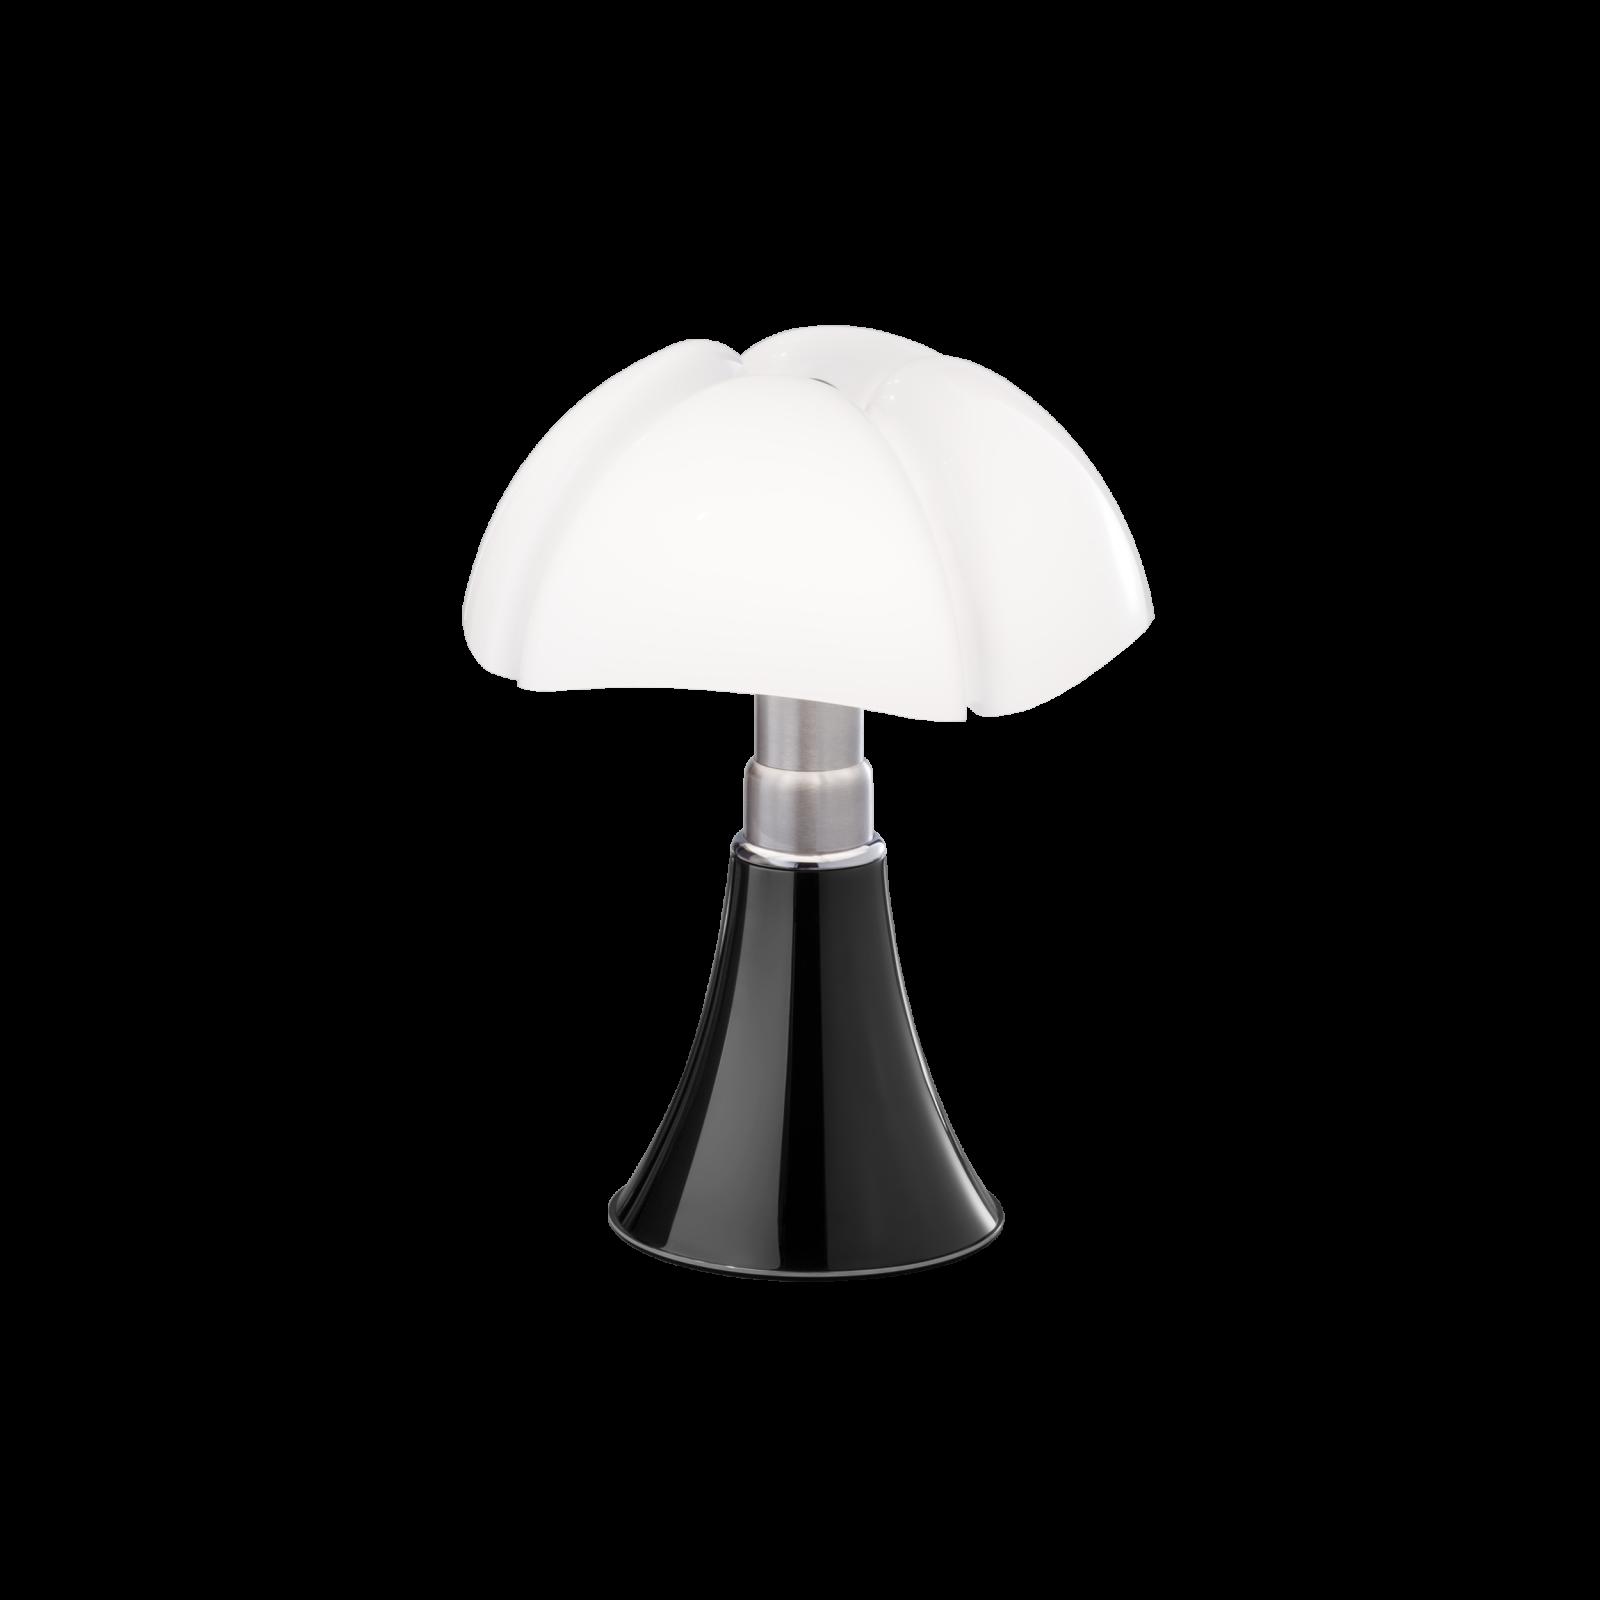 lampe poser mini pipistrello de martinelli luce titane. Black Bedroom Furniture Sets. Home Design Ideas